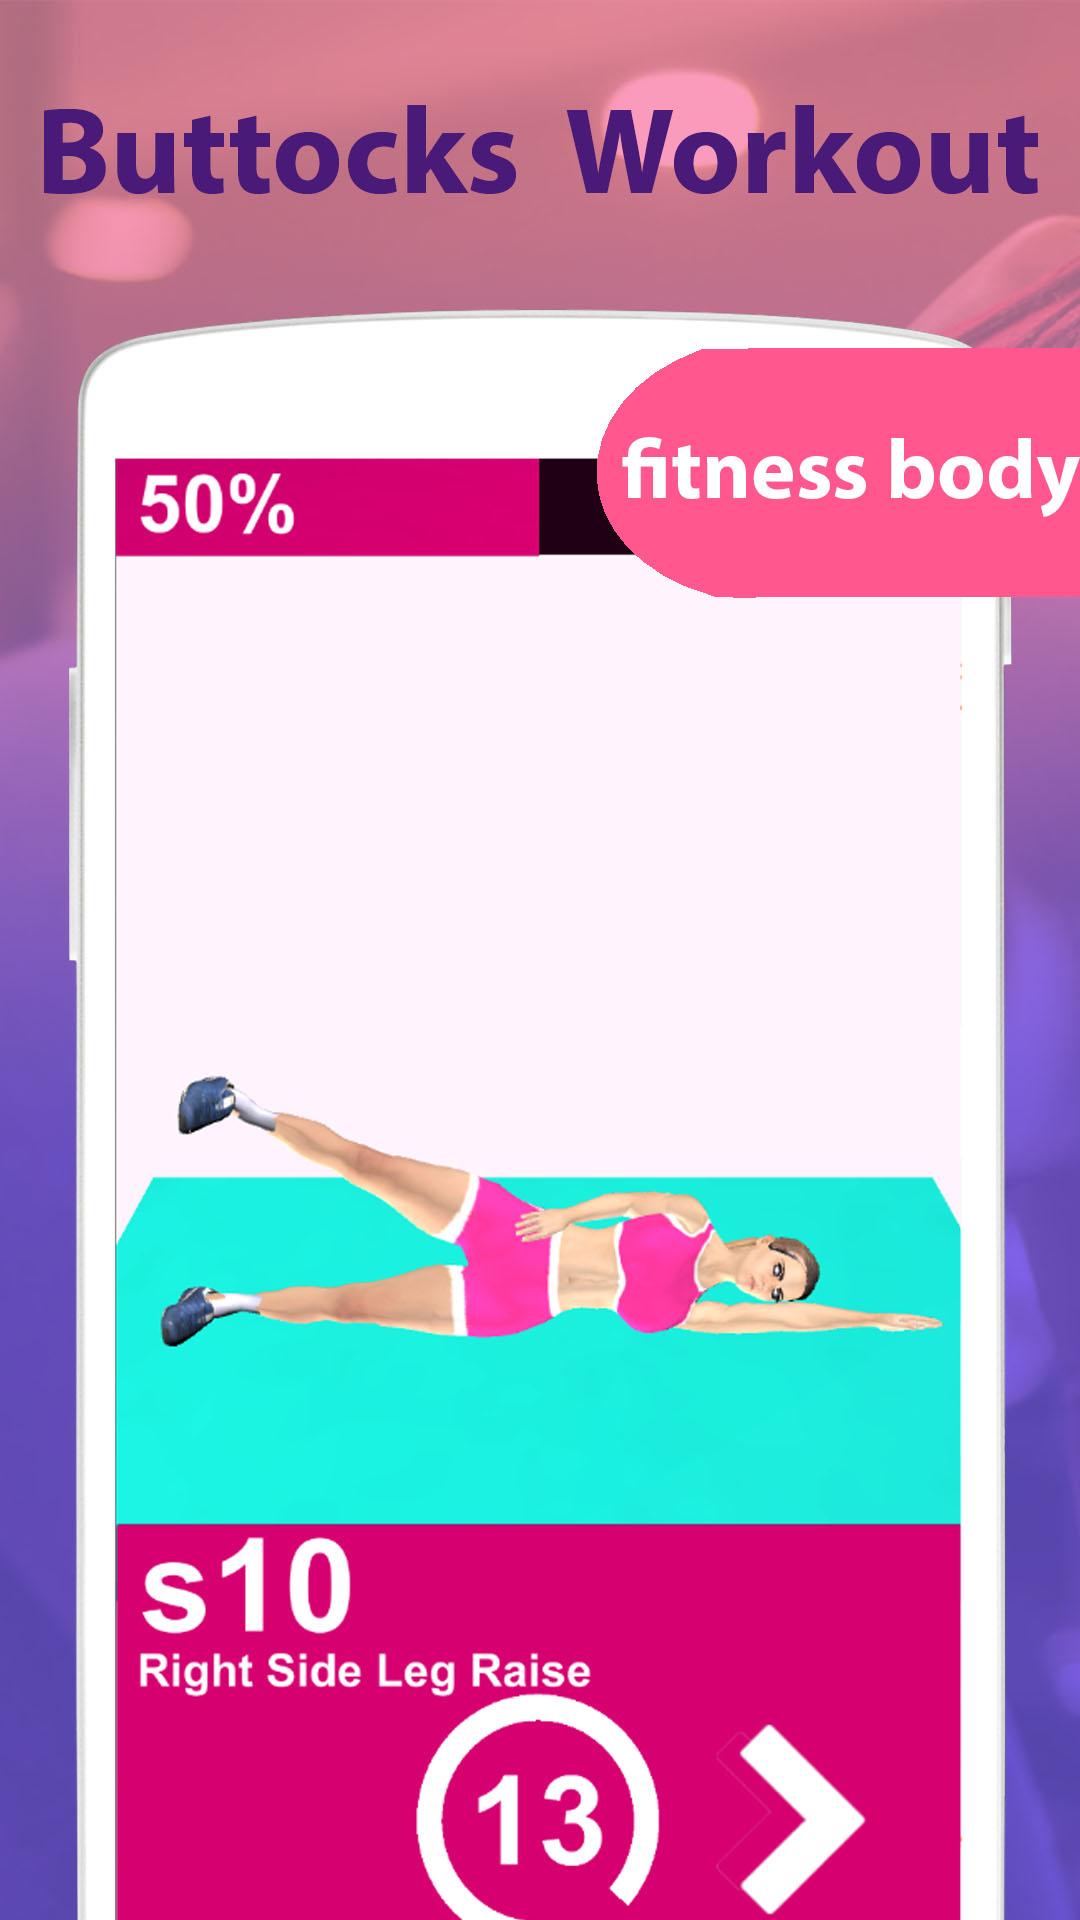 Trainieren Sie Routinen, um Gewicht zu verlieren und Ihre Arme zu straffen